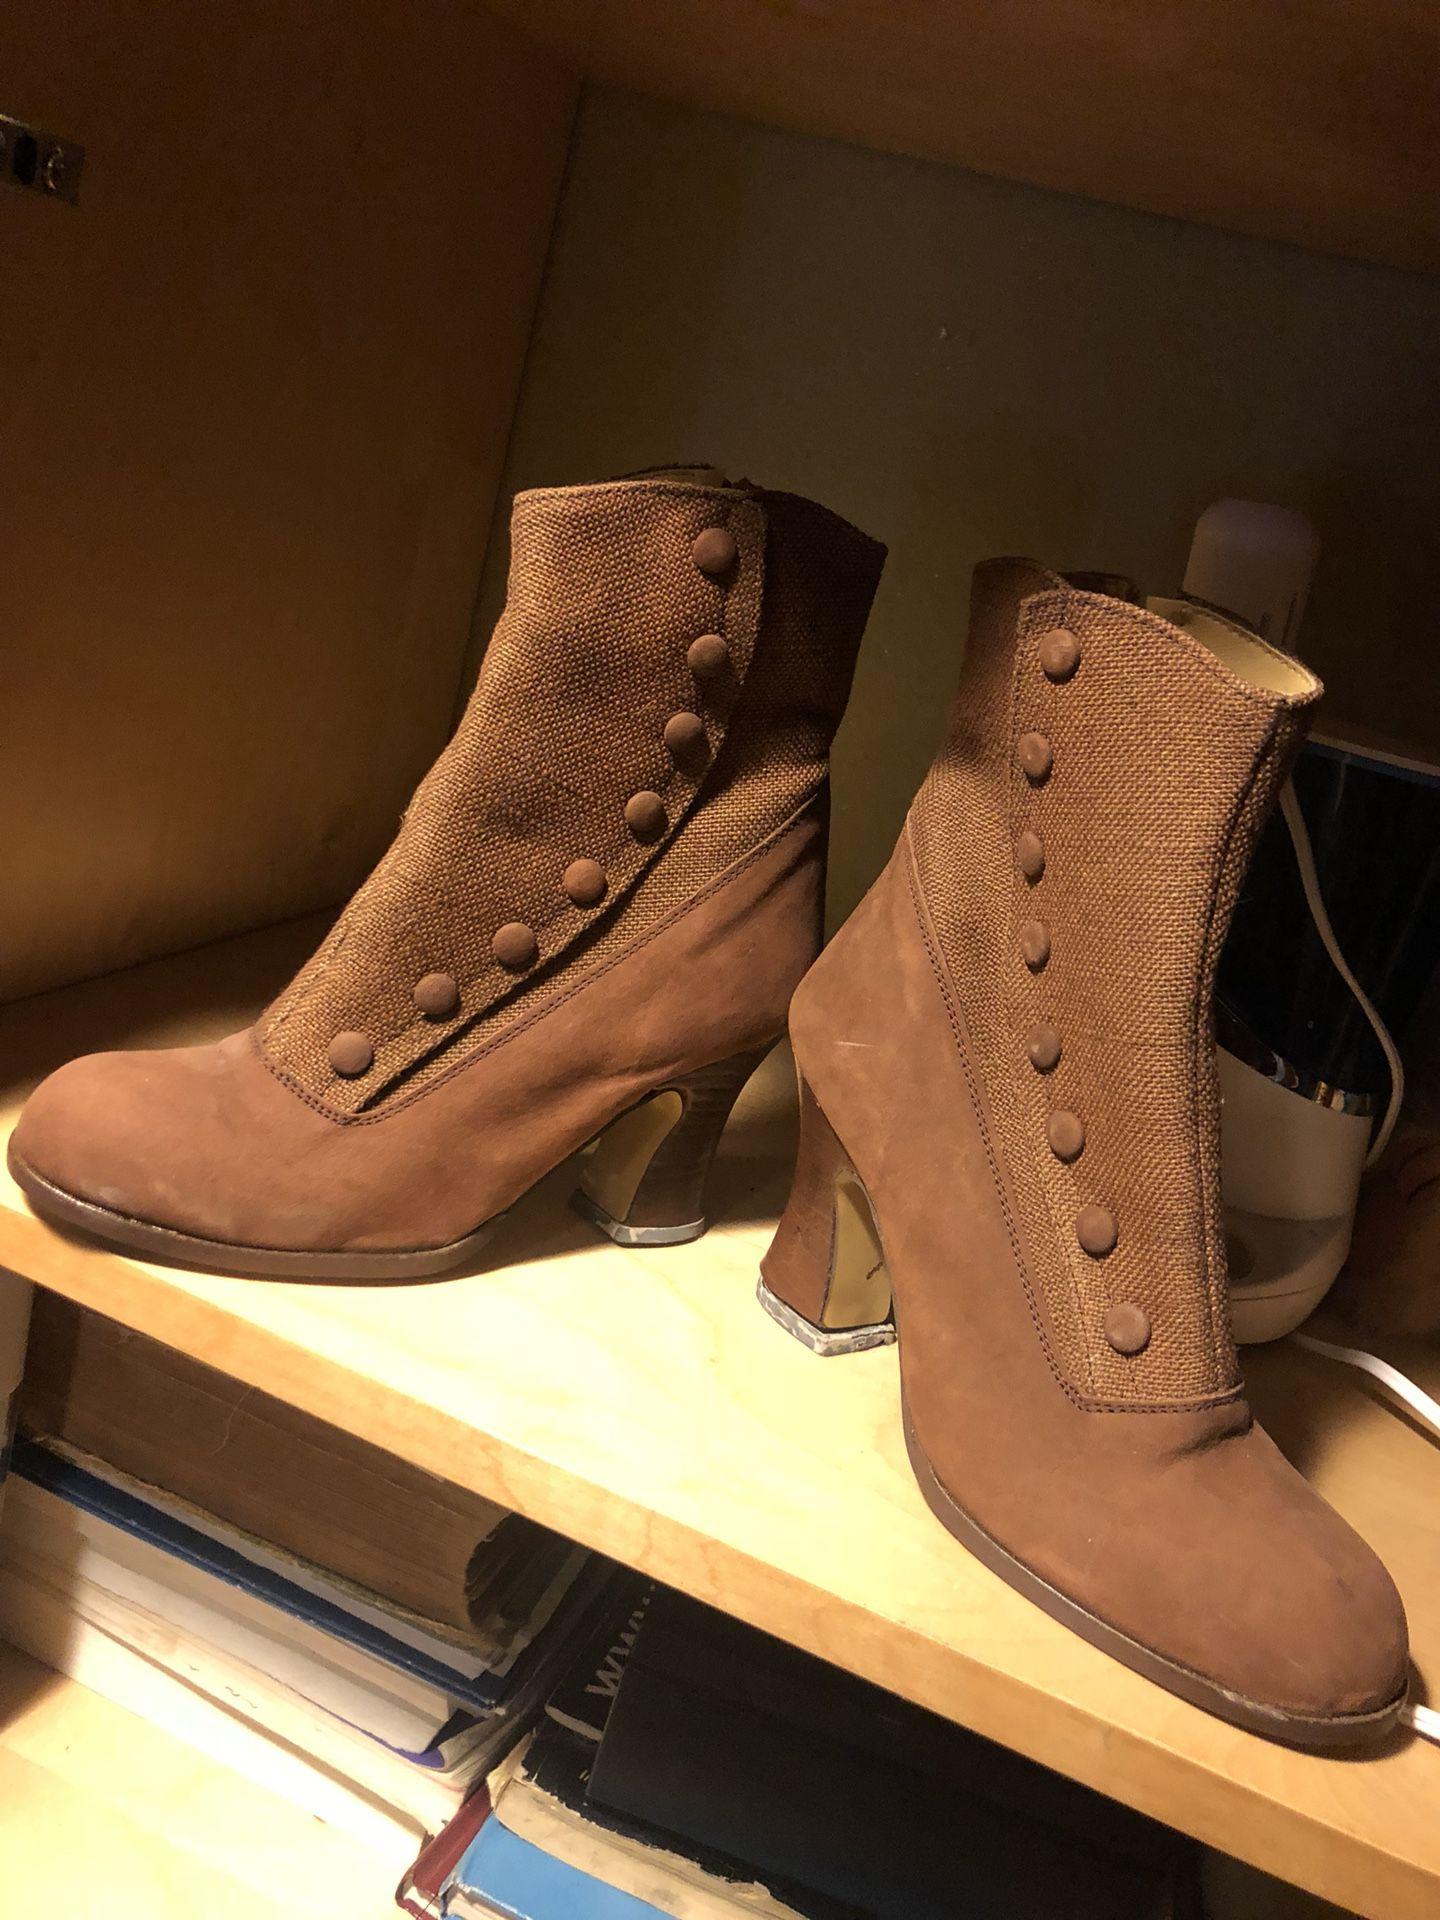 Actic women shoes size 7-1/2